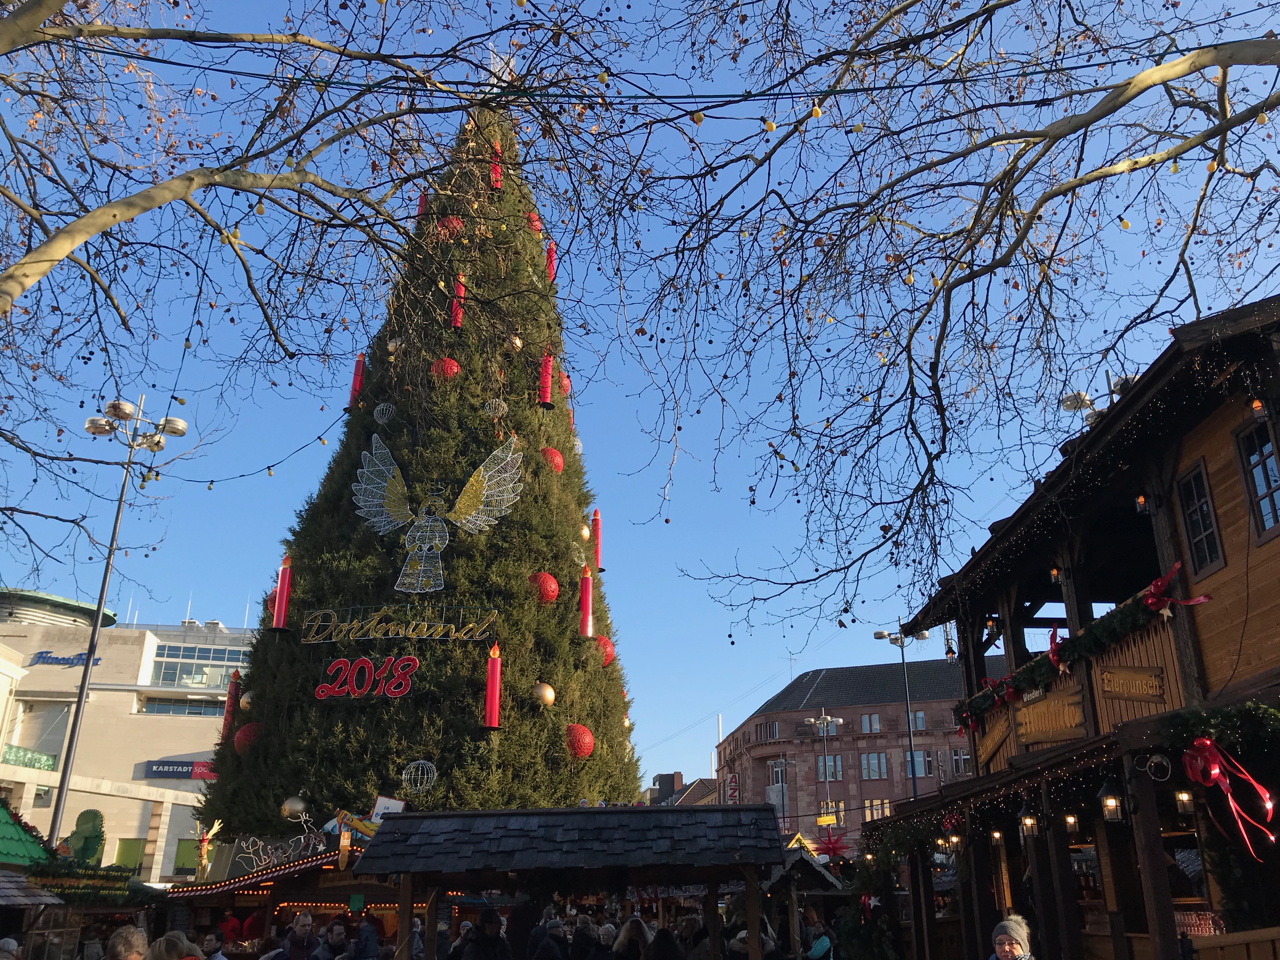 Weihnachtsmarkt Dortmund